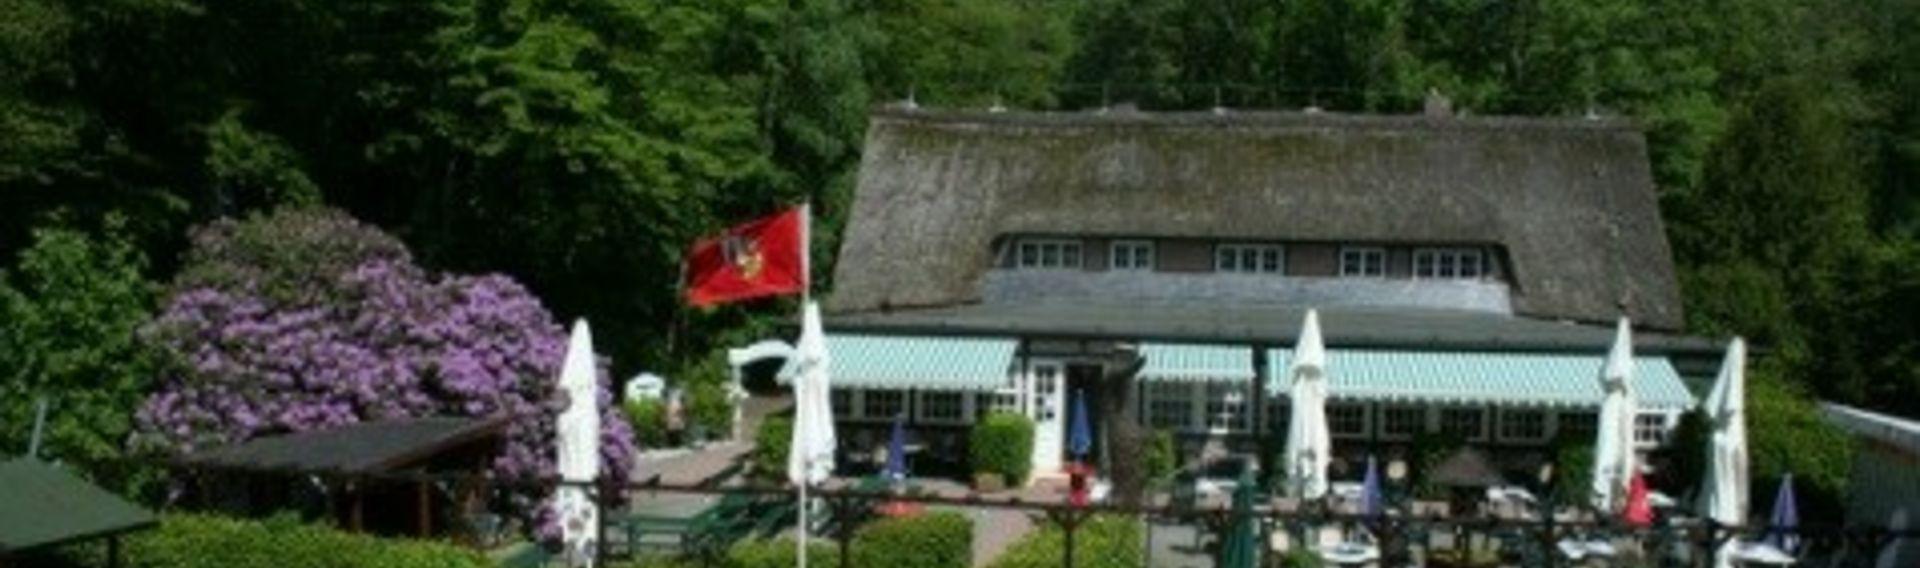 Gasthaus Quellenhof Hamburg – Direkt am Alsterwanderweg